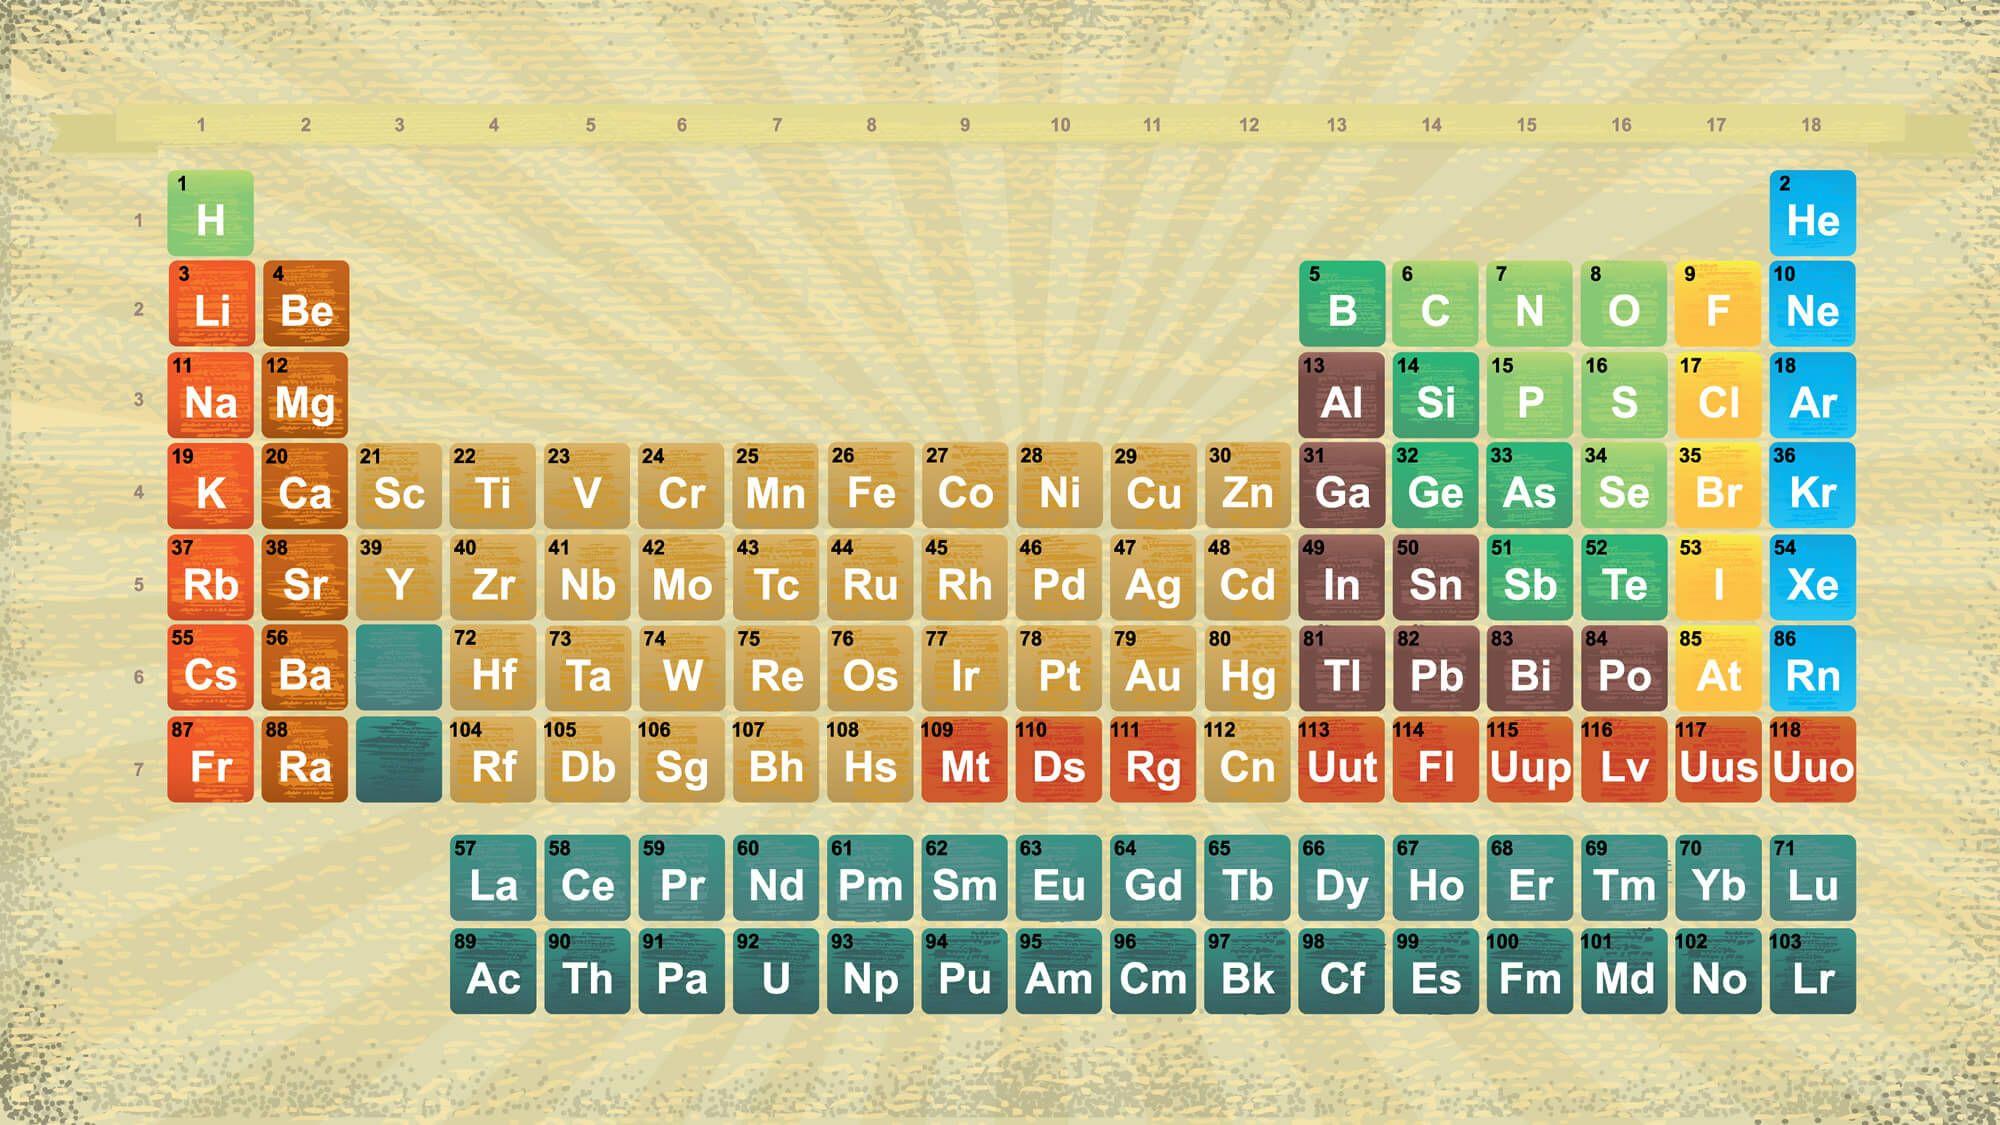 Tabla periodica de los elementos quimicos completa hd walls find tabla periodica de los elementos quimicos completa hd walls find urtaz Choice Image